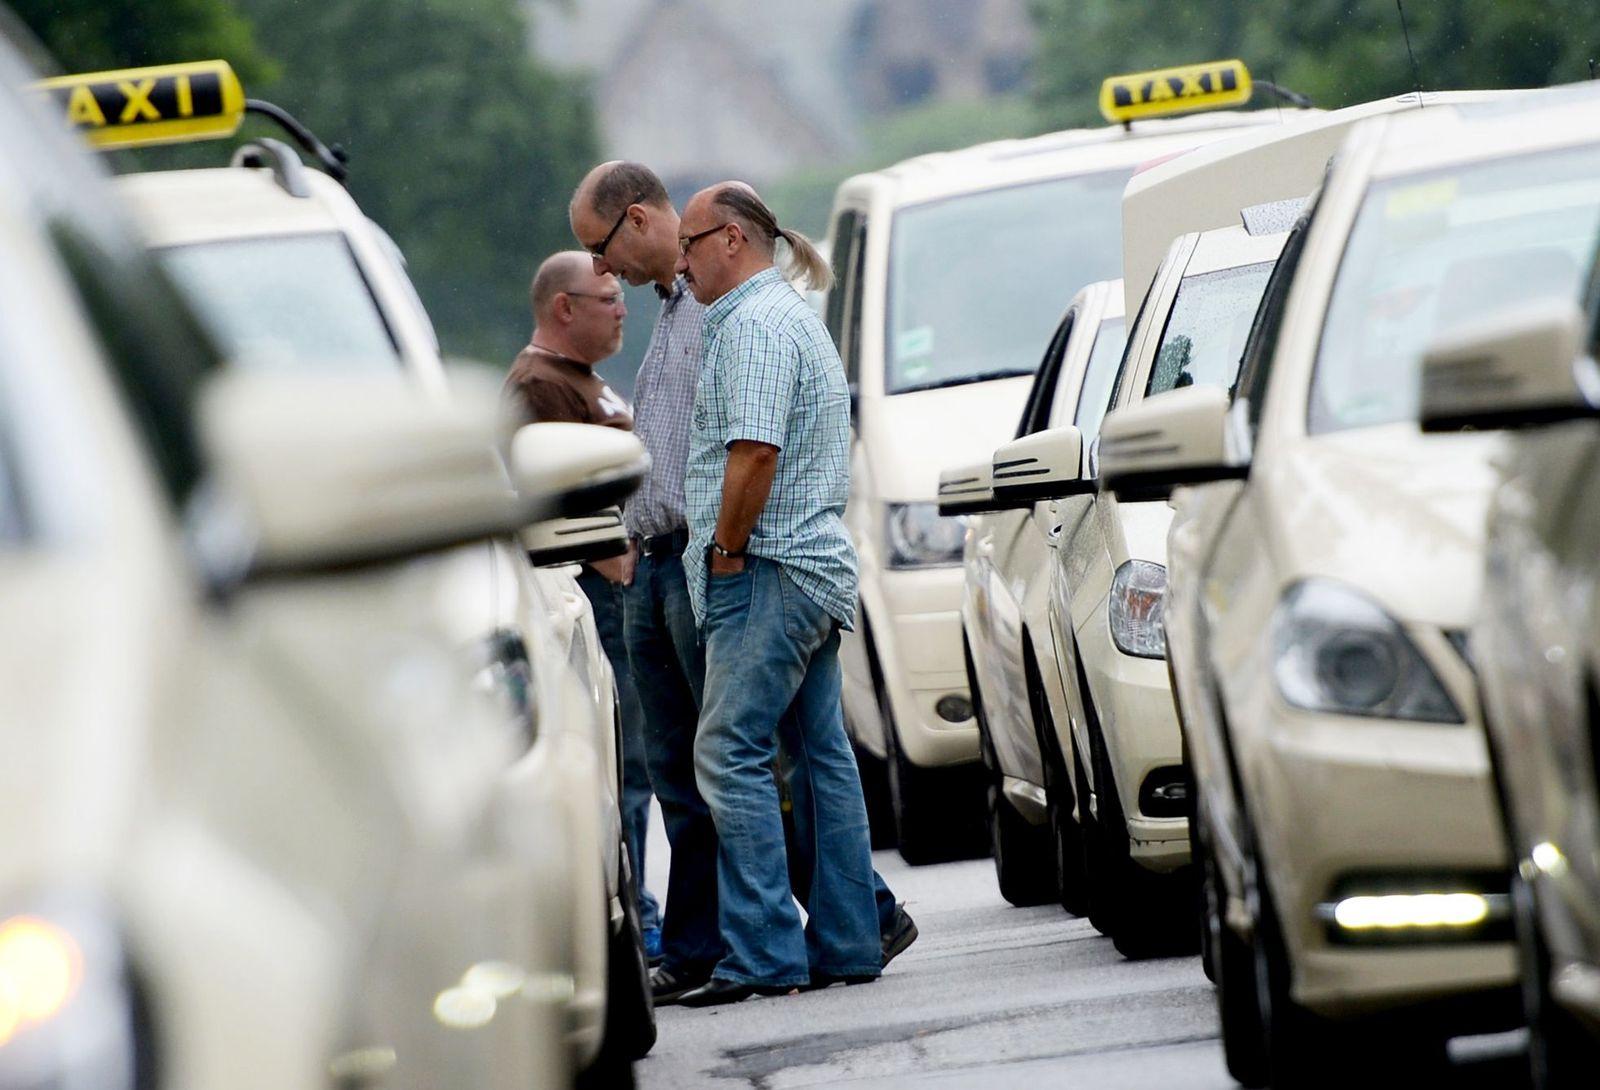 Taxifahrer / Mindestlohn